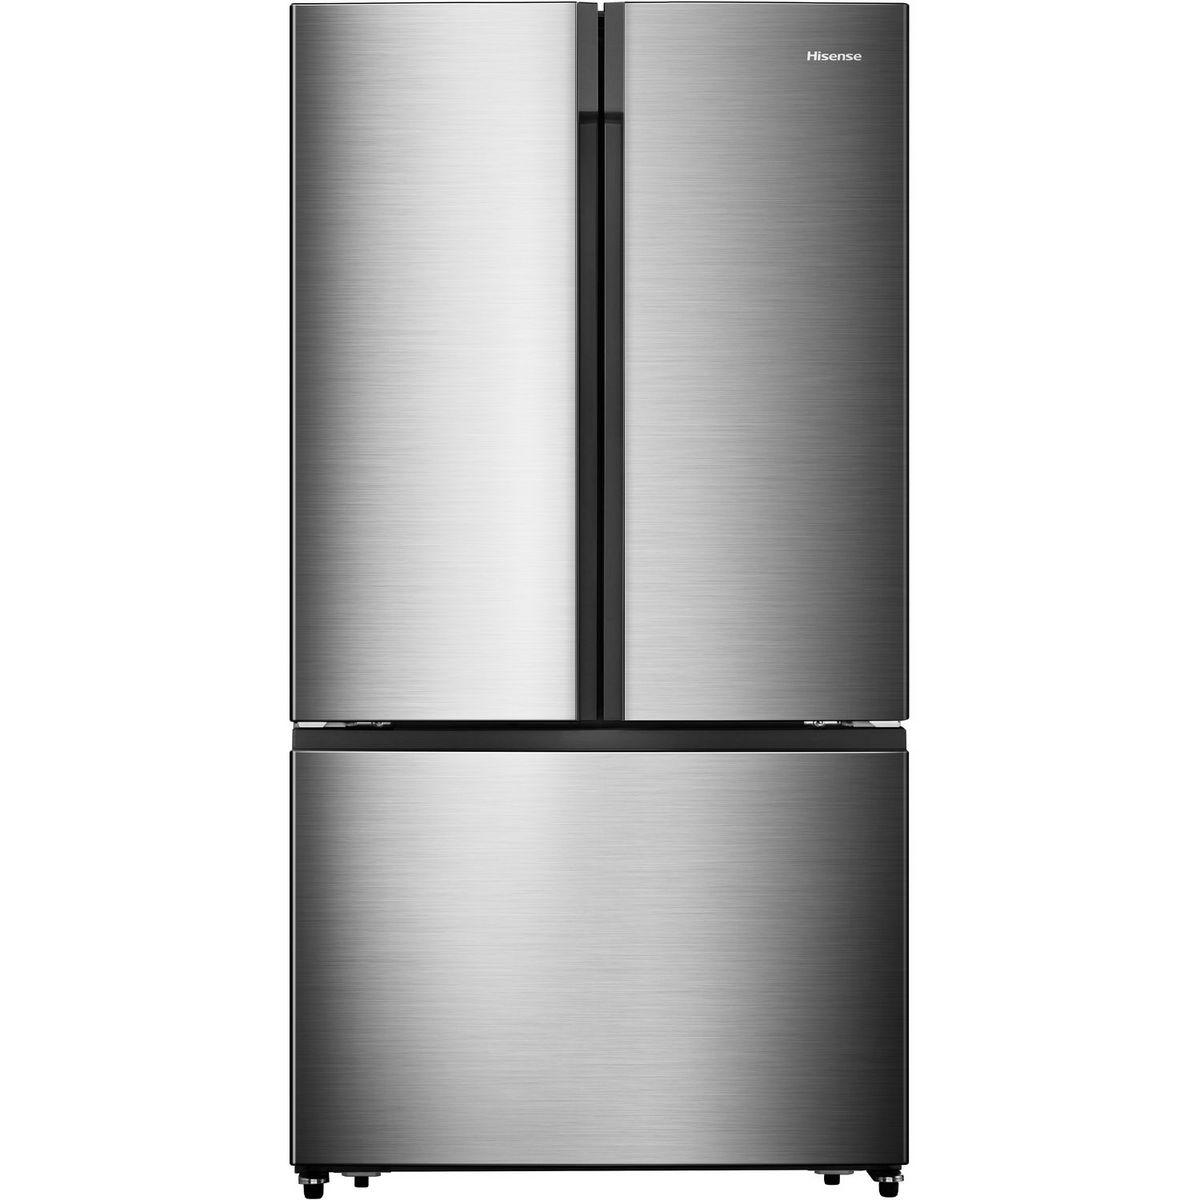 Réfrigérateur américain multiportes RF715N4AS1, 528 L, Froid ventilé